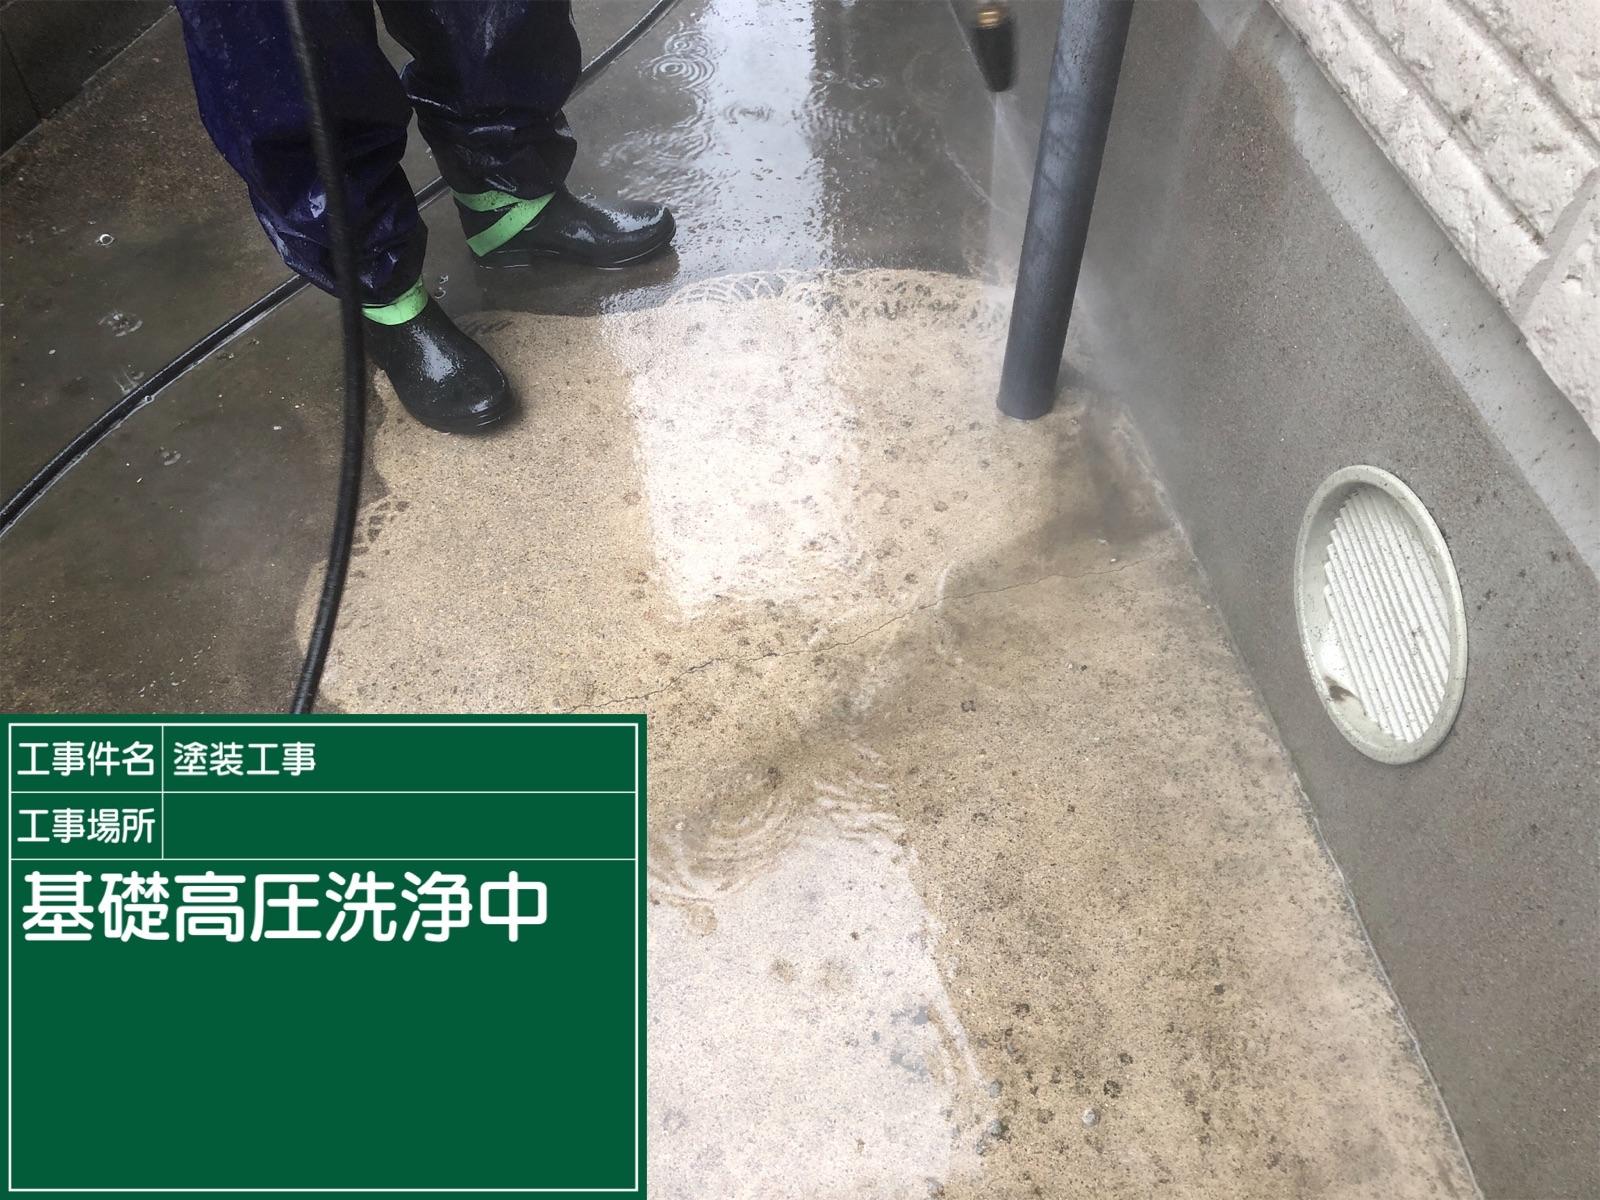 高圧洗浄中基礎300009